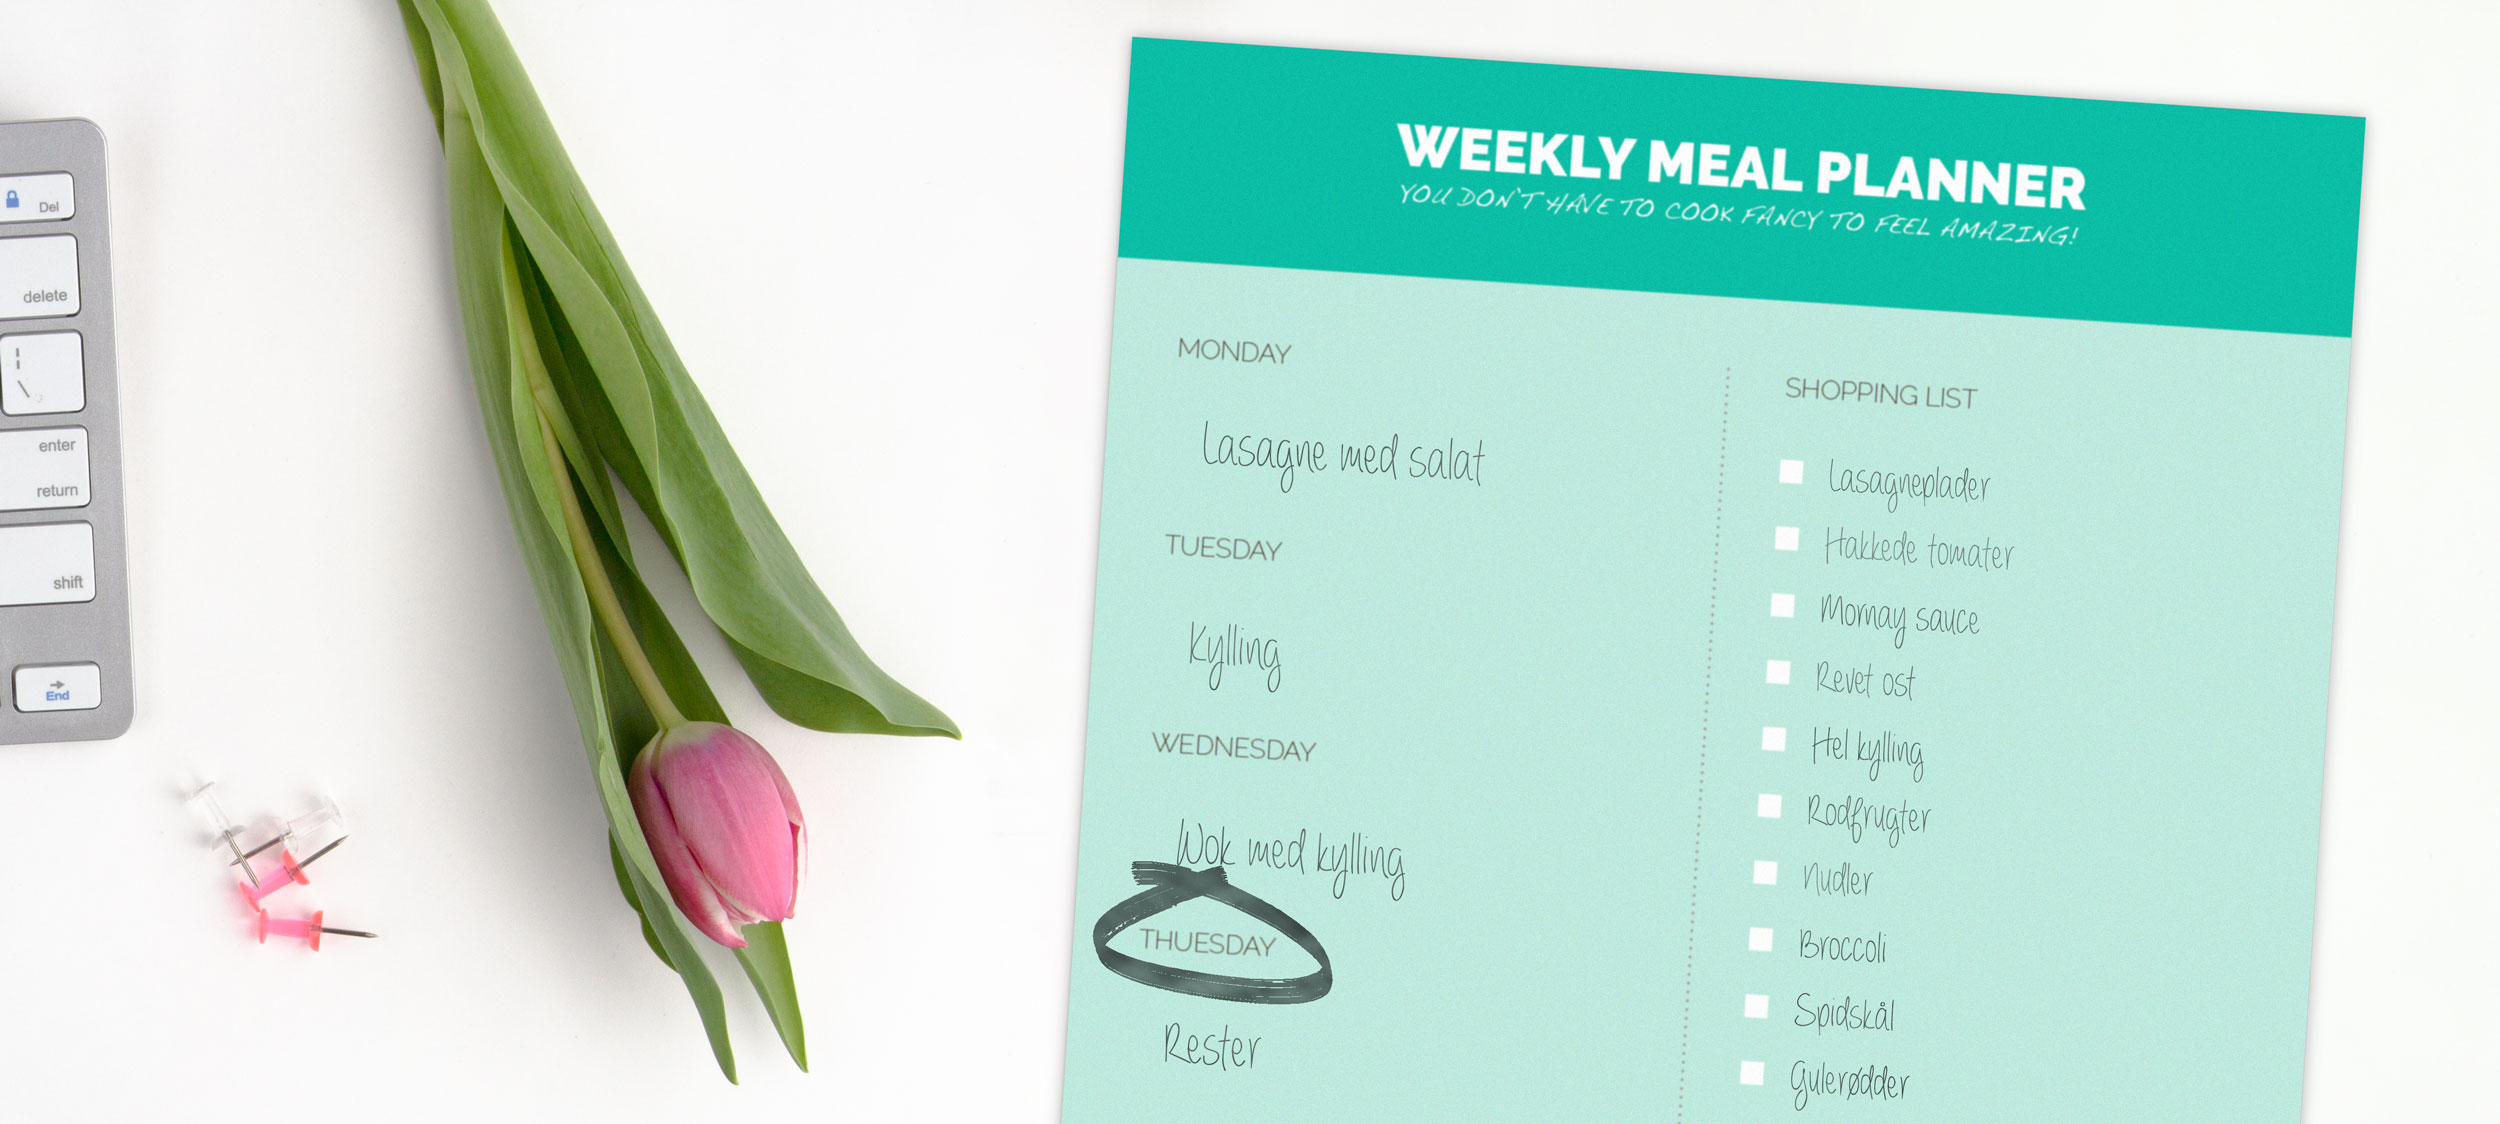 Gratis Weekly Meal Planner